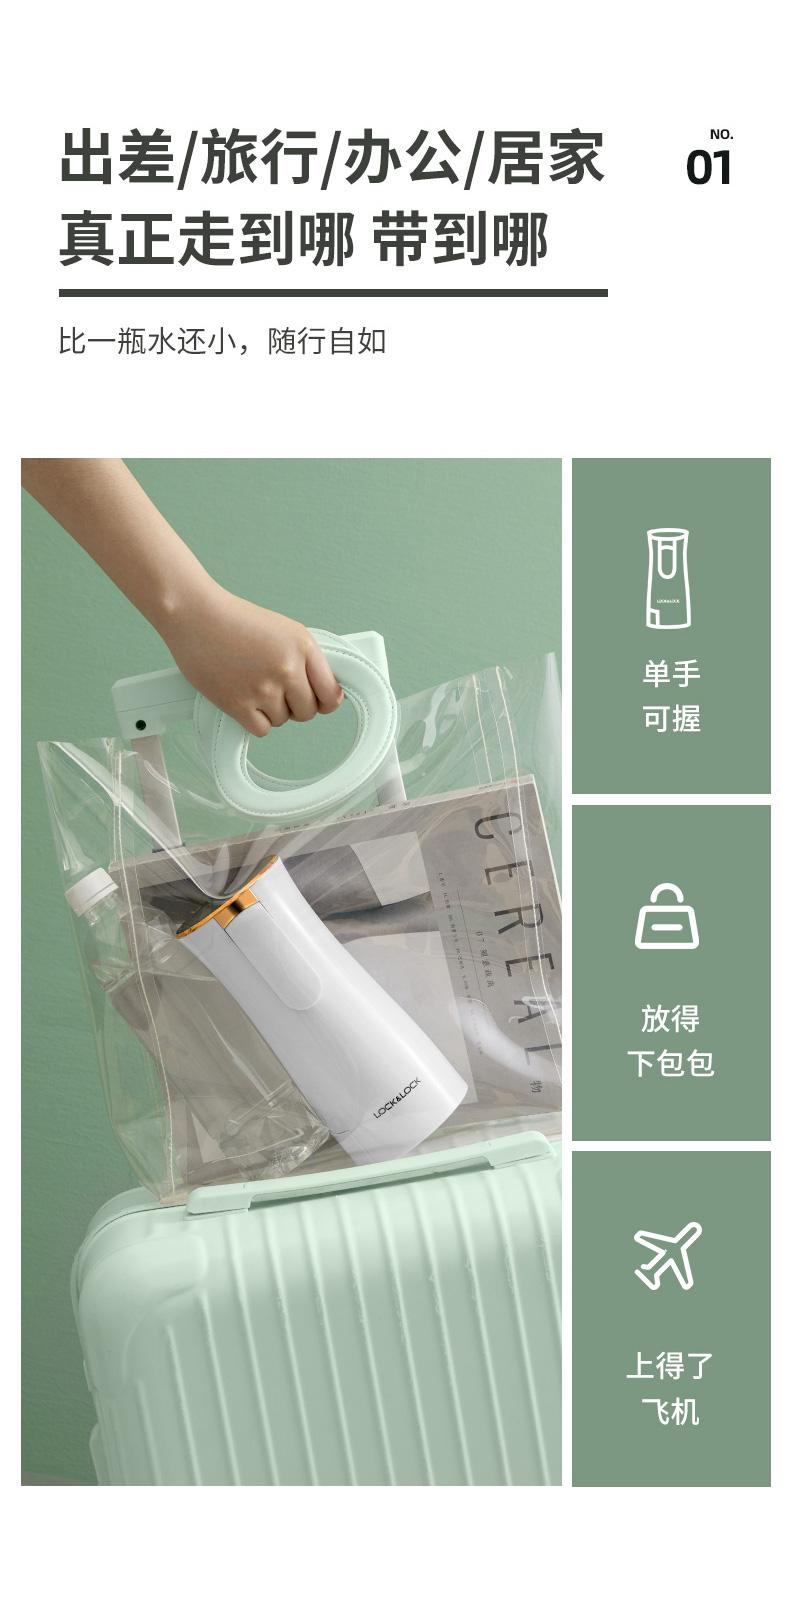 乐扣 即热式 口袋饮水机 4档调温 可折叠收纳 图3